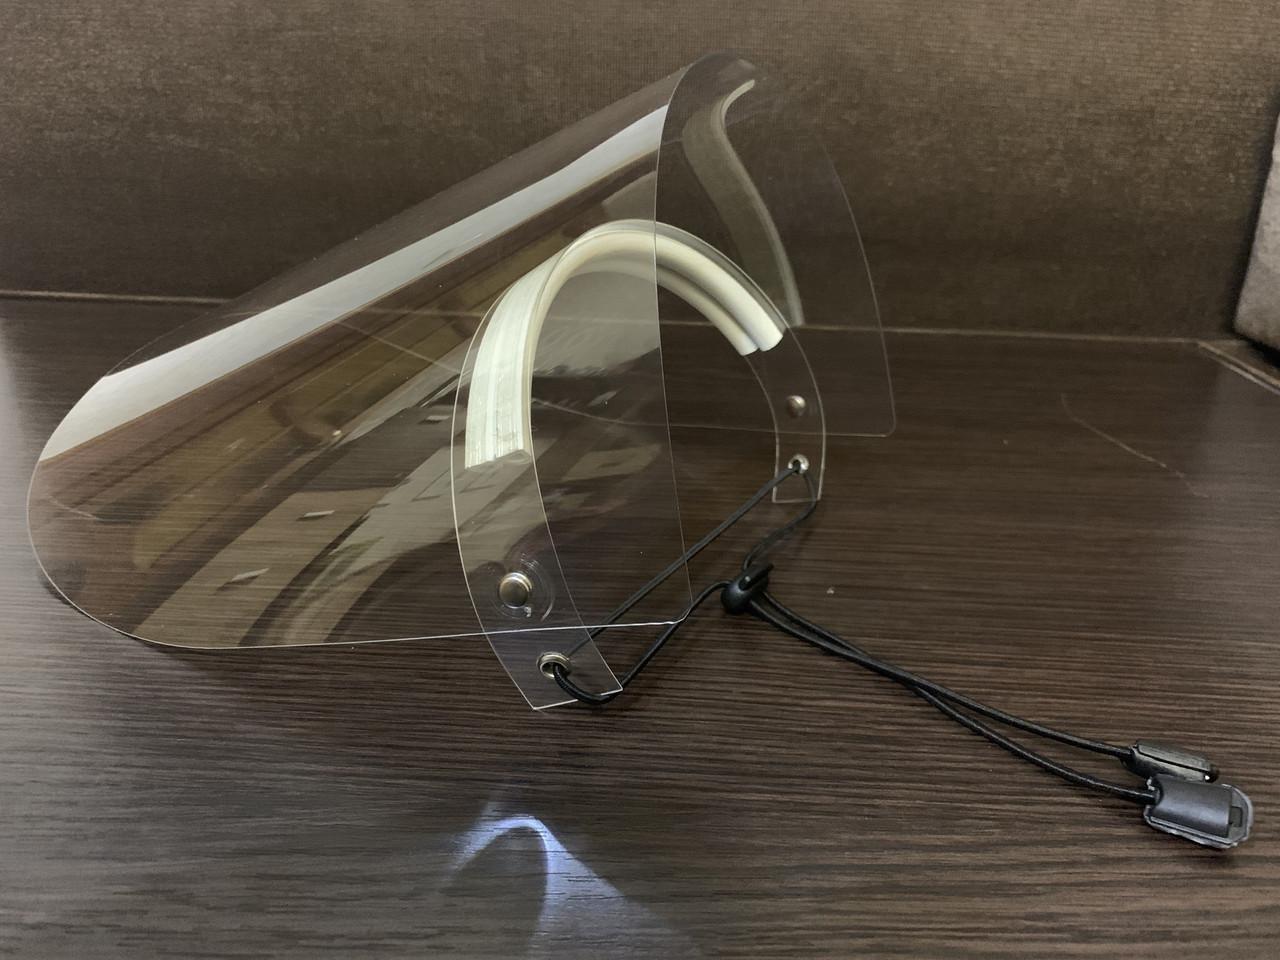 Защитный щиток - экран QumaxPro серии SF, ПЕТ экран и УДОБНОЕ КРЕПЛЕНИЕ. Документы для тендера!